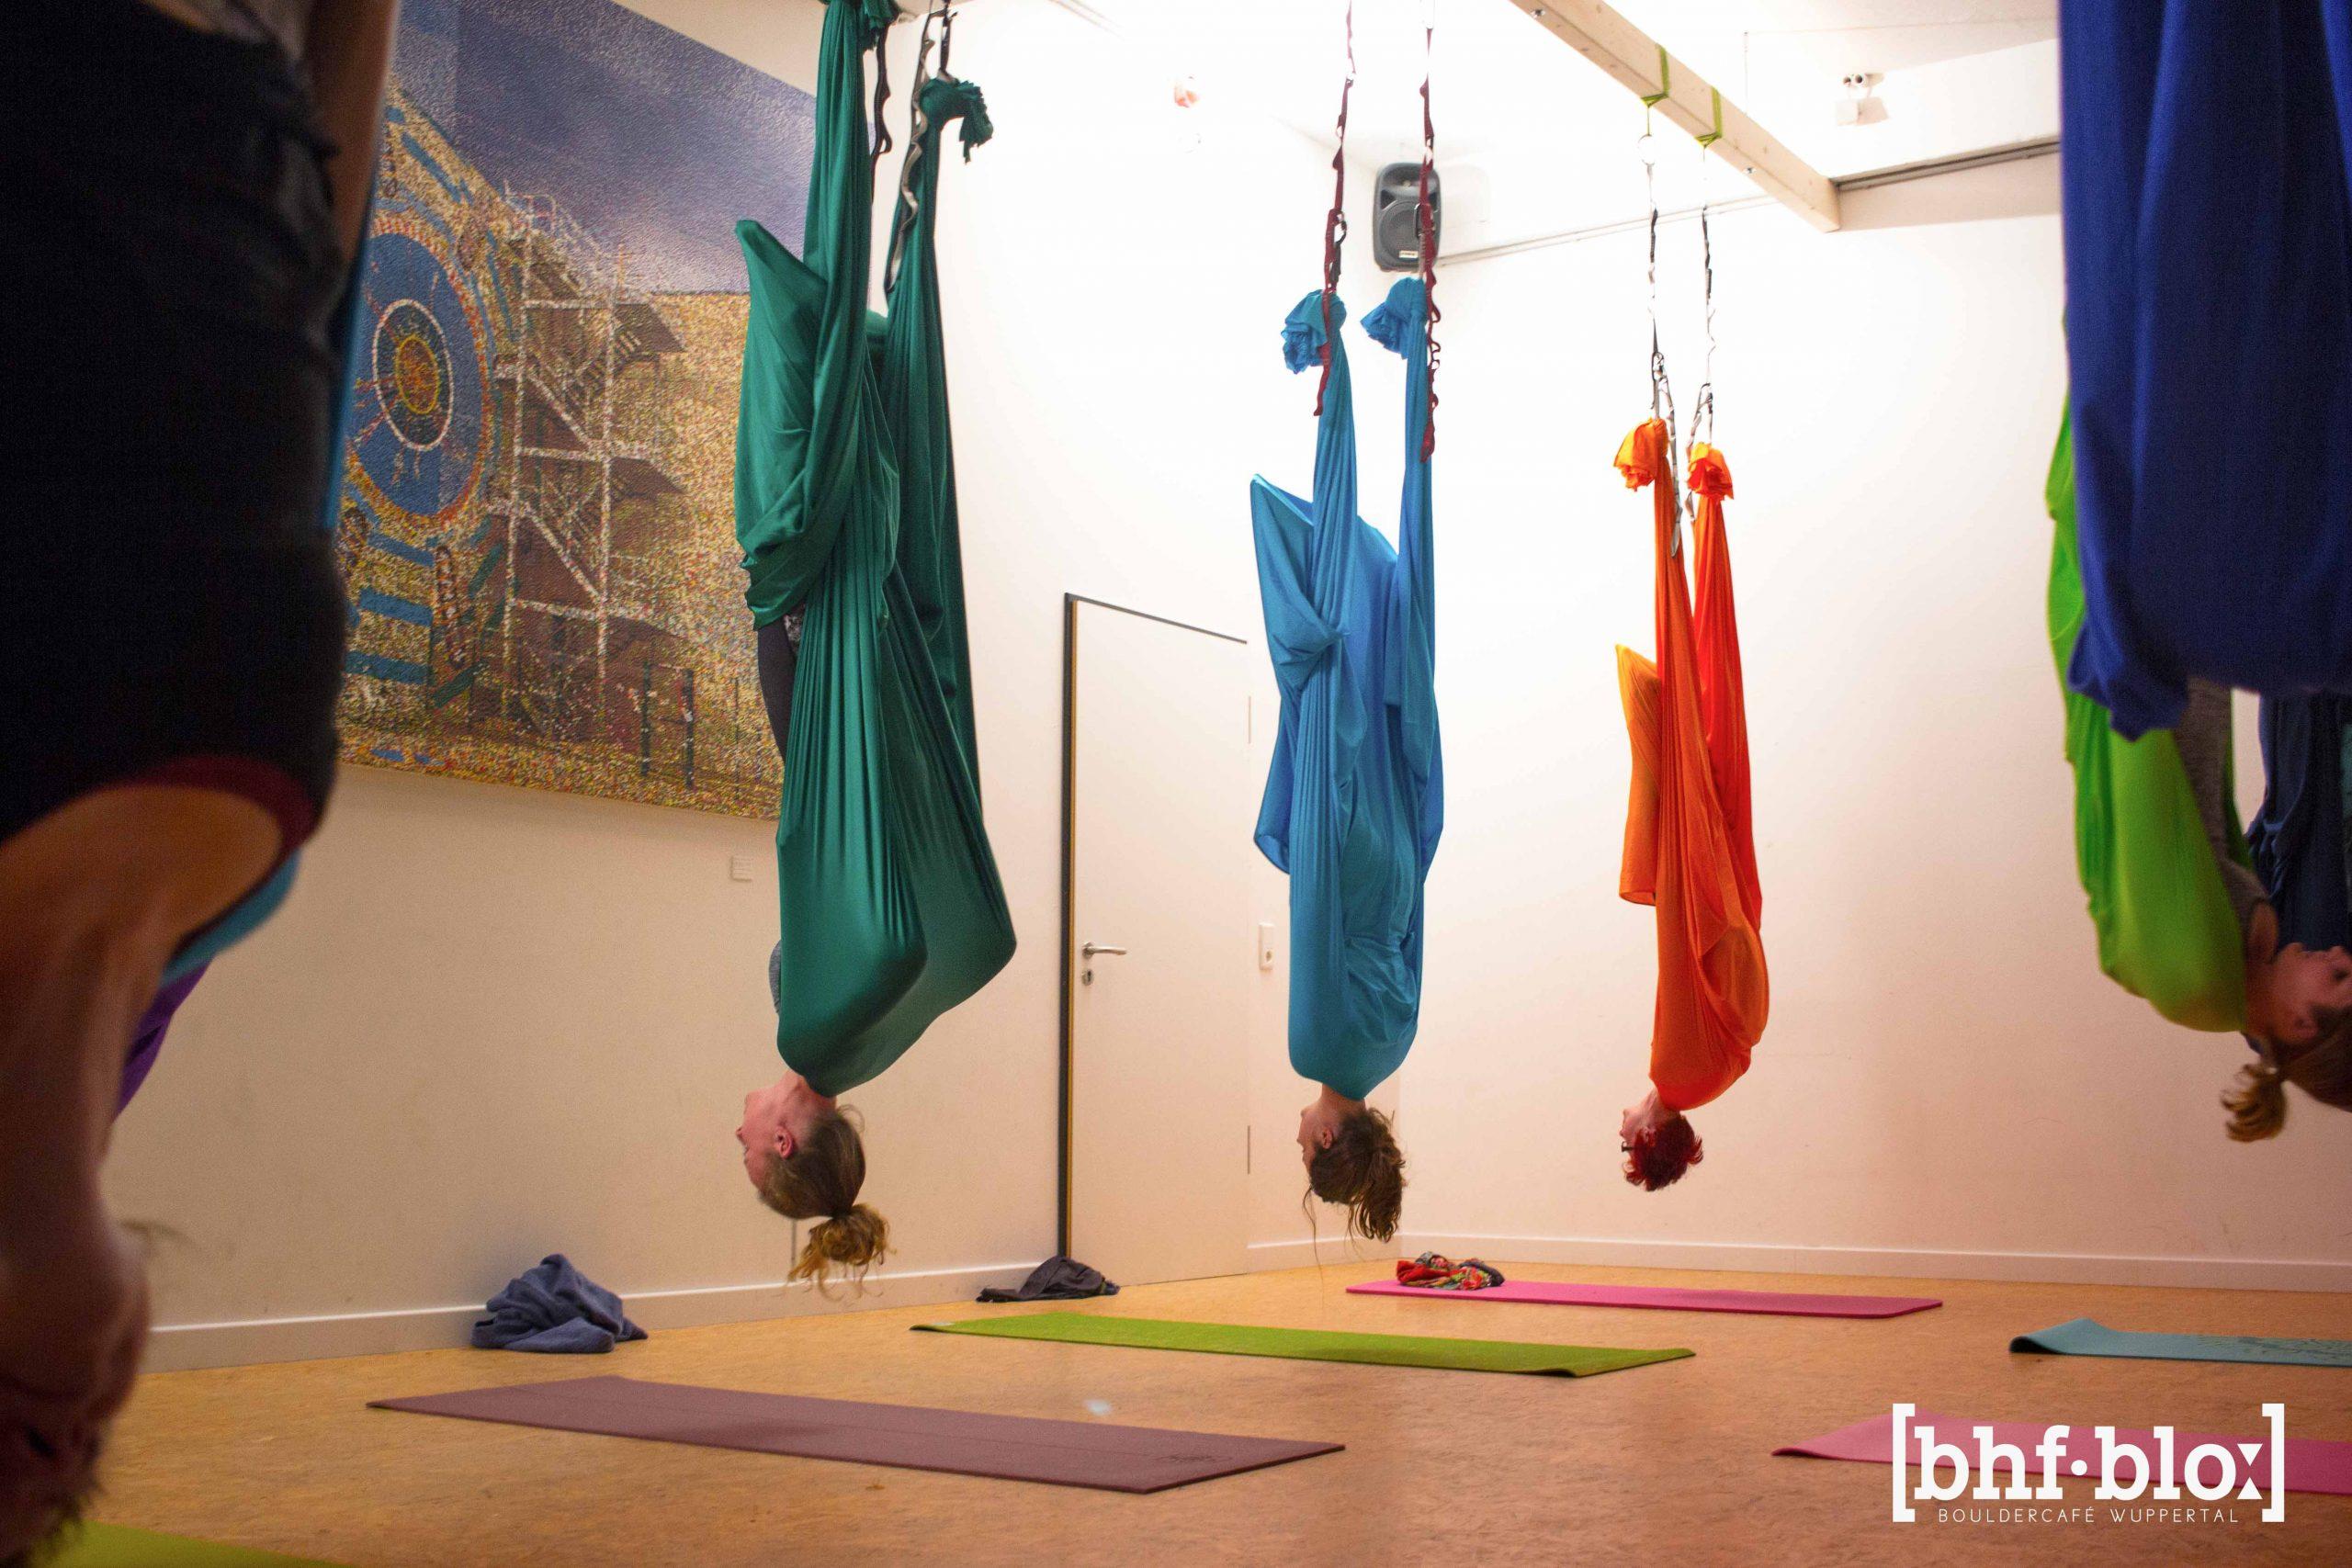 Aerial_Yoga_Impression-7